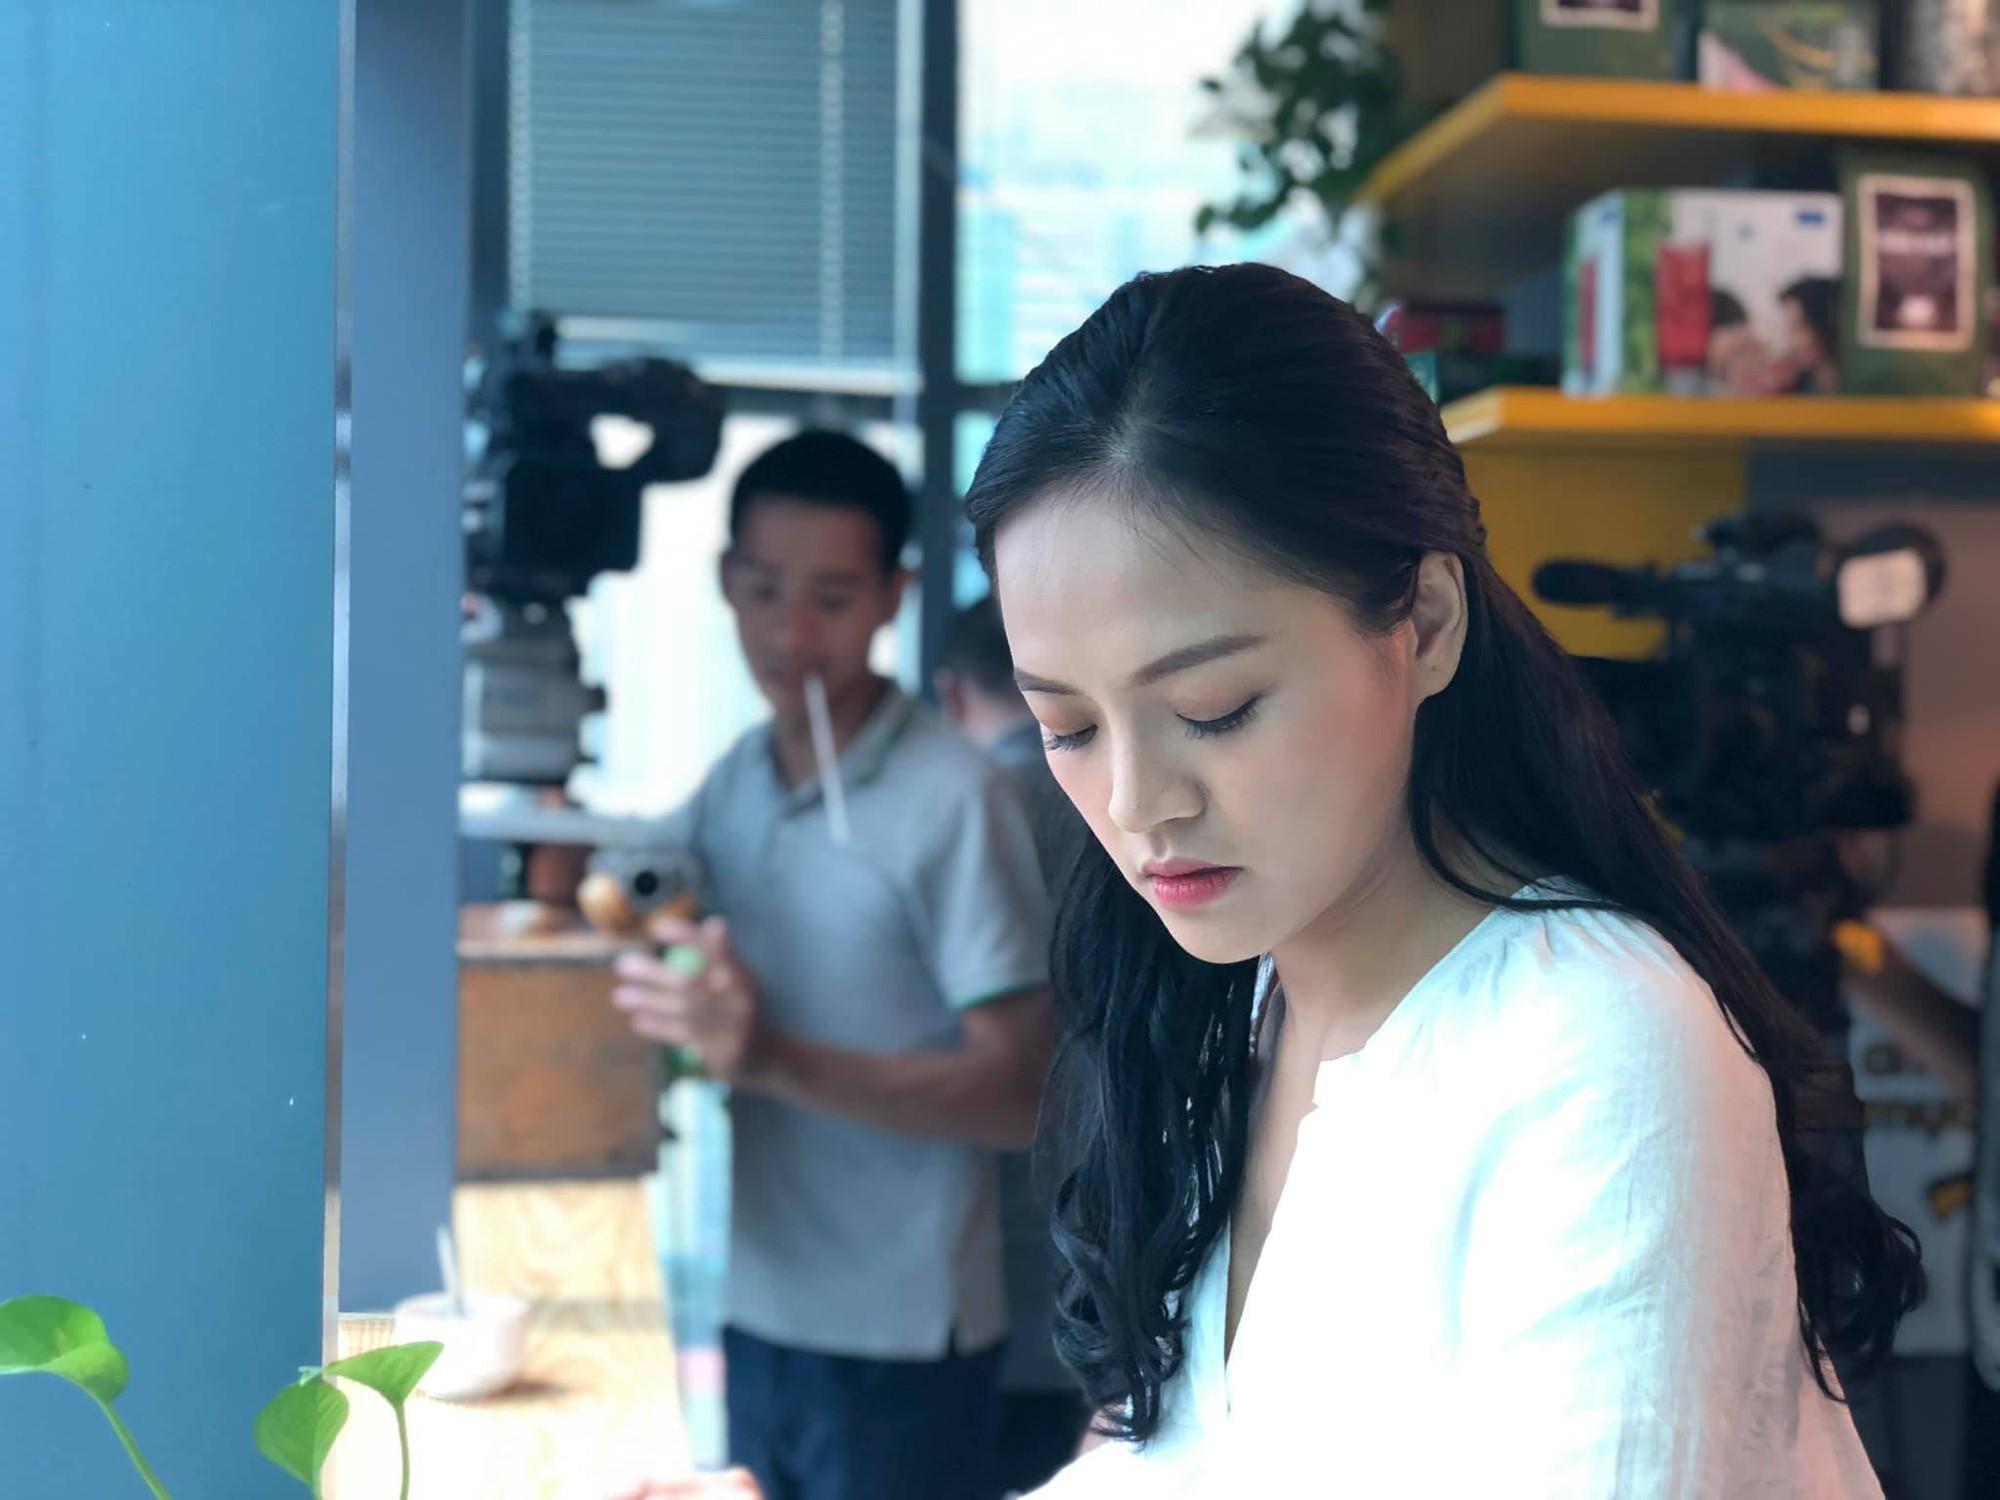 """Đạo diễn Về nhà đi con"""" lần đầu tiết lộ những sự thật không ngờ về Thu Quỳnh, Bảo Thanh, Bảo Hân sau khi phim kết thúc-9"""